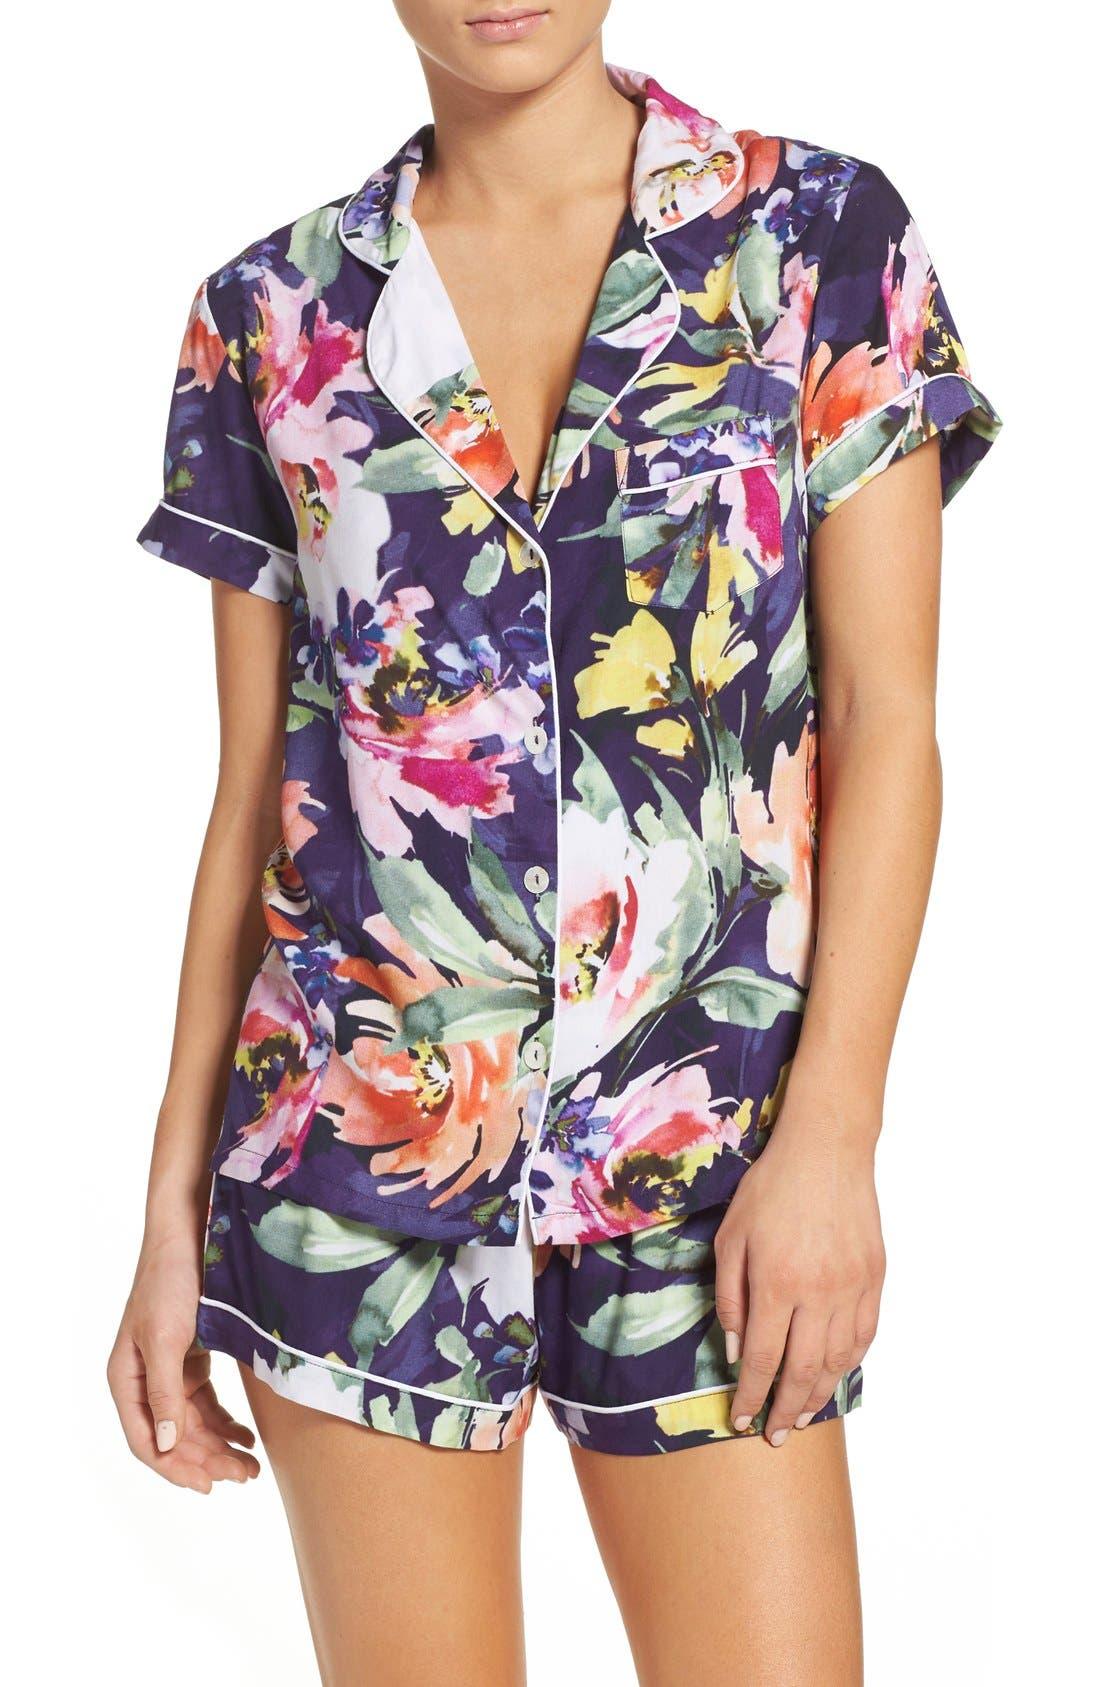 Zephyr Short Pajamas,                             Main thumbnail 1, color,                             400